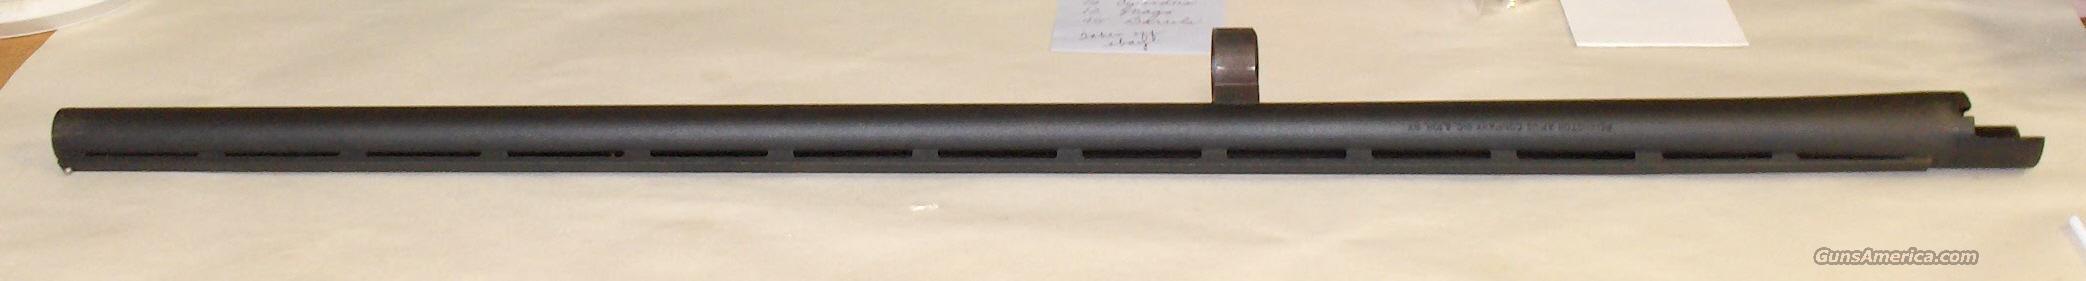 Remington 870 Barrel   Non-Guns > Barrels